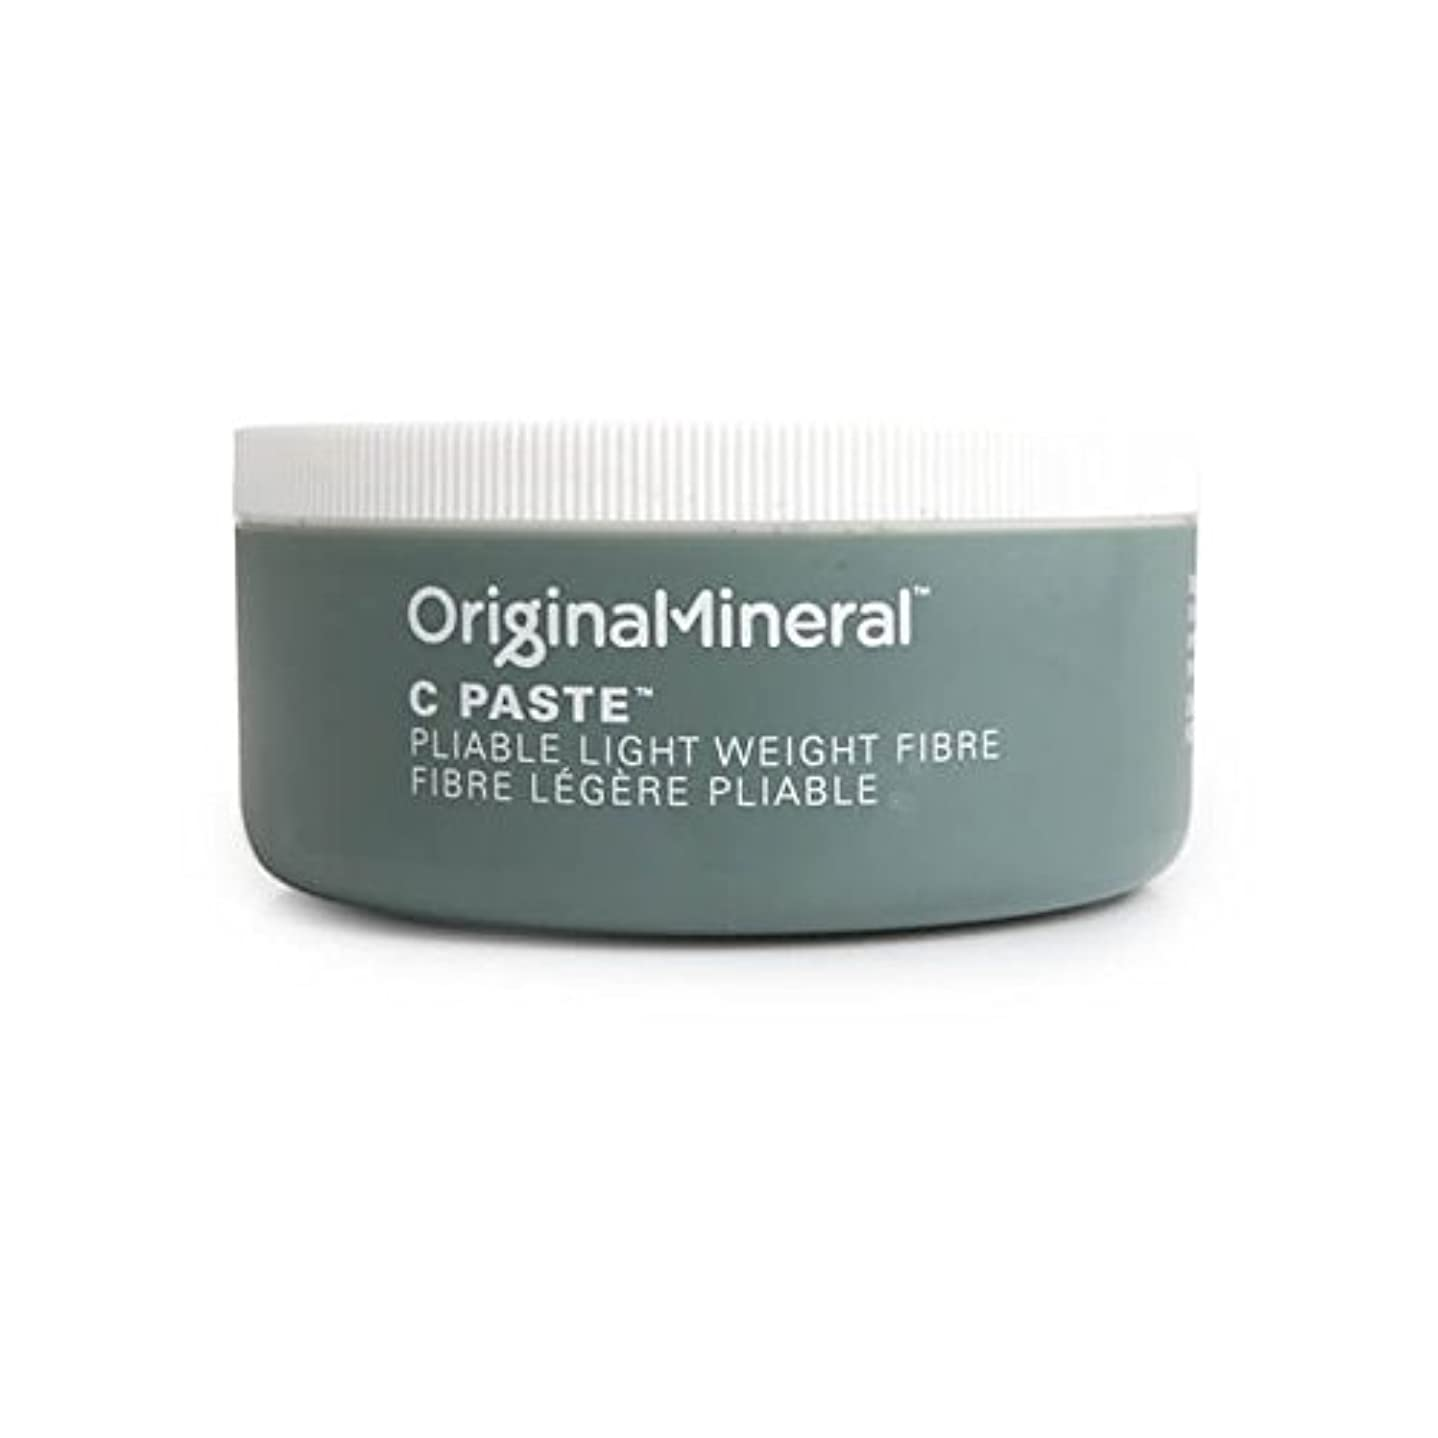 る粒子ピンチOriginal & Mineral C-Paste Hair Wax (100G) - オリジナル&ミネラルの-ペーストヘアワックス(100グラム) [並行輸入品]